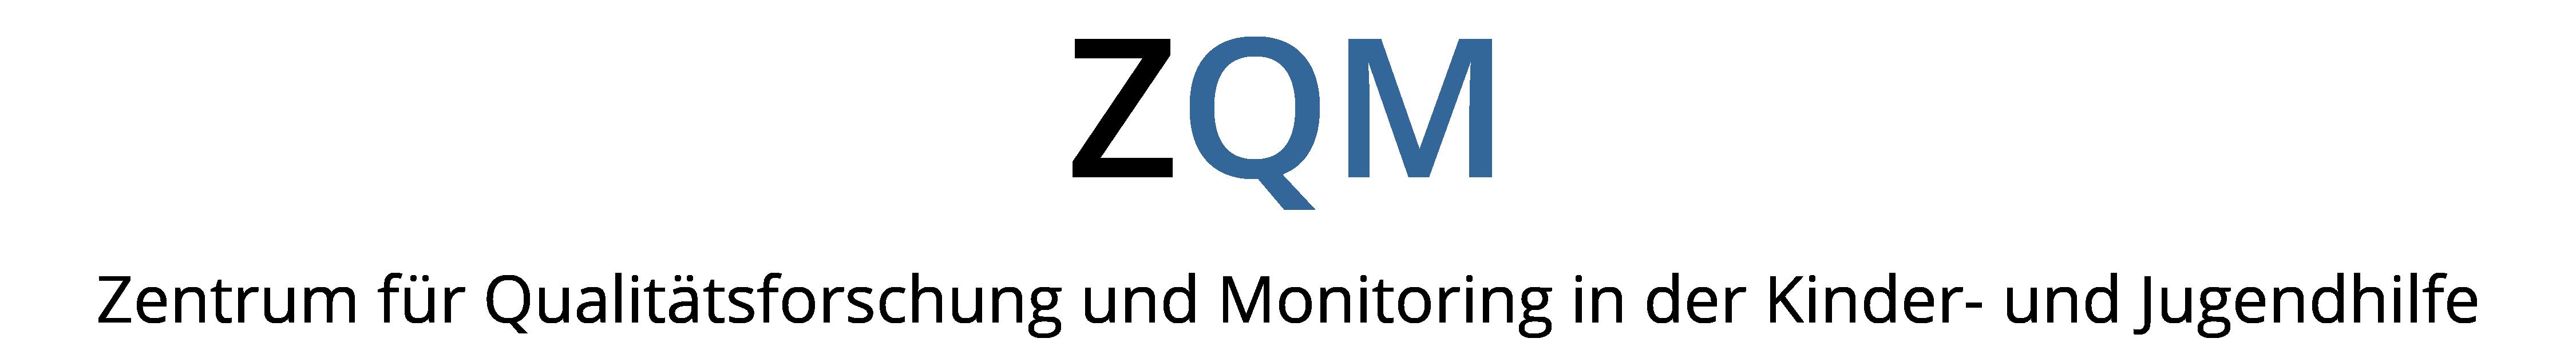 ZQM Schwäbisch Gmünd